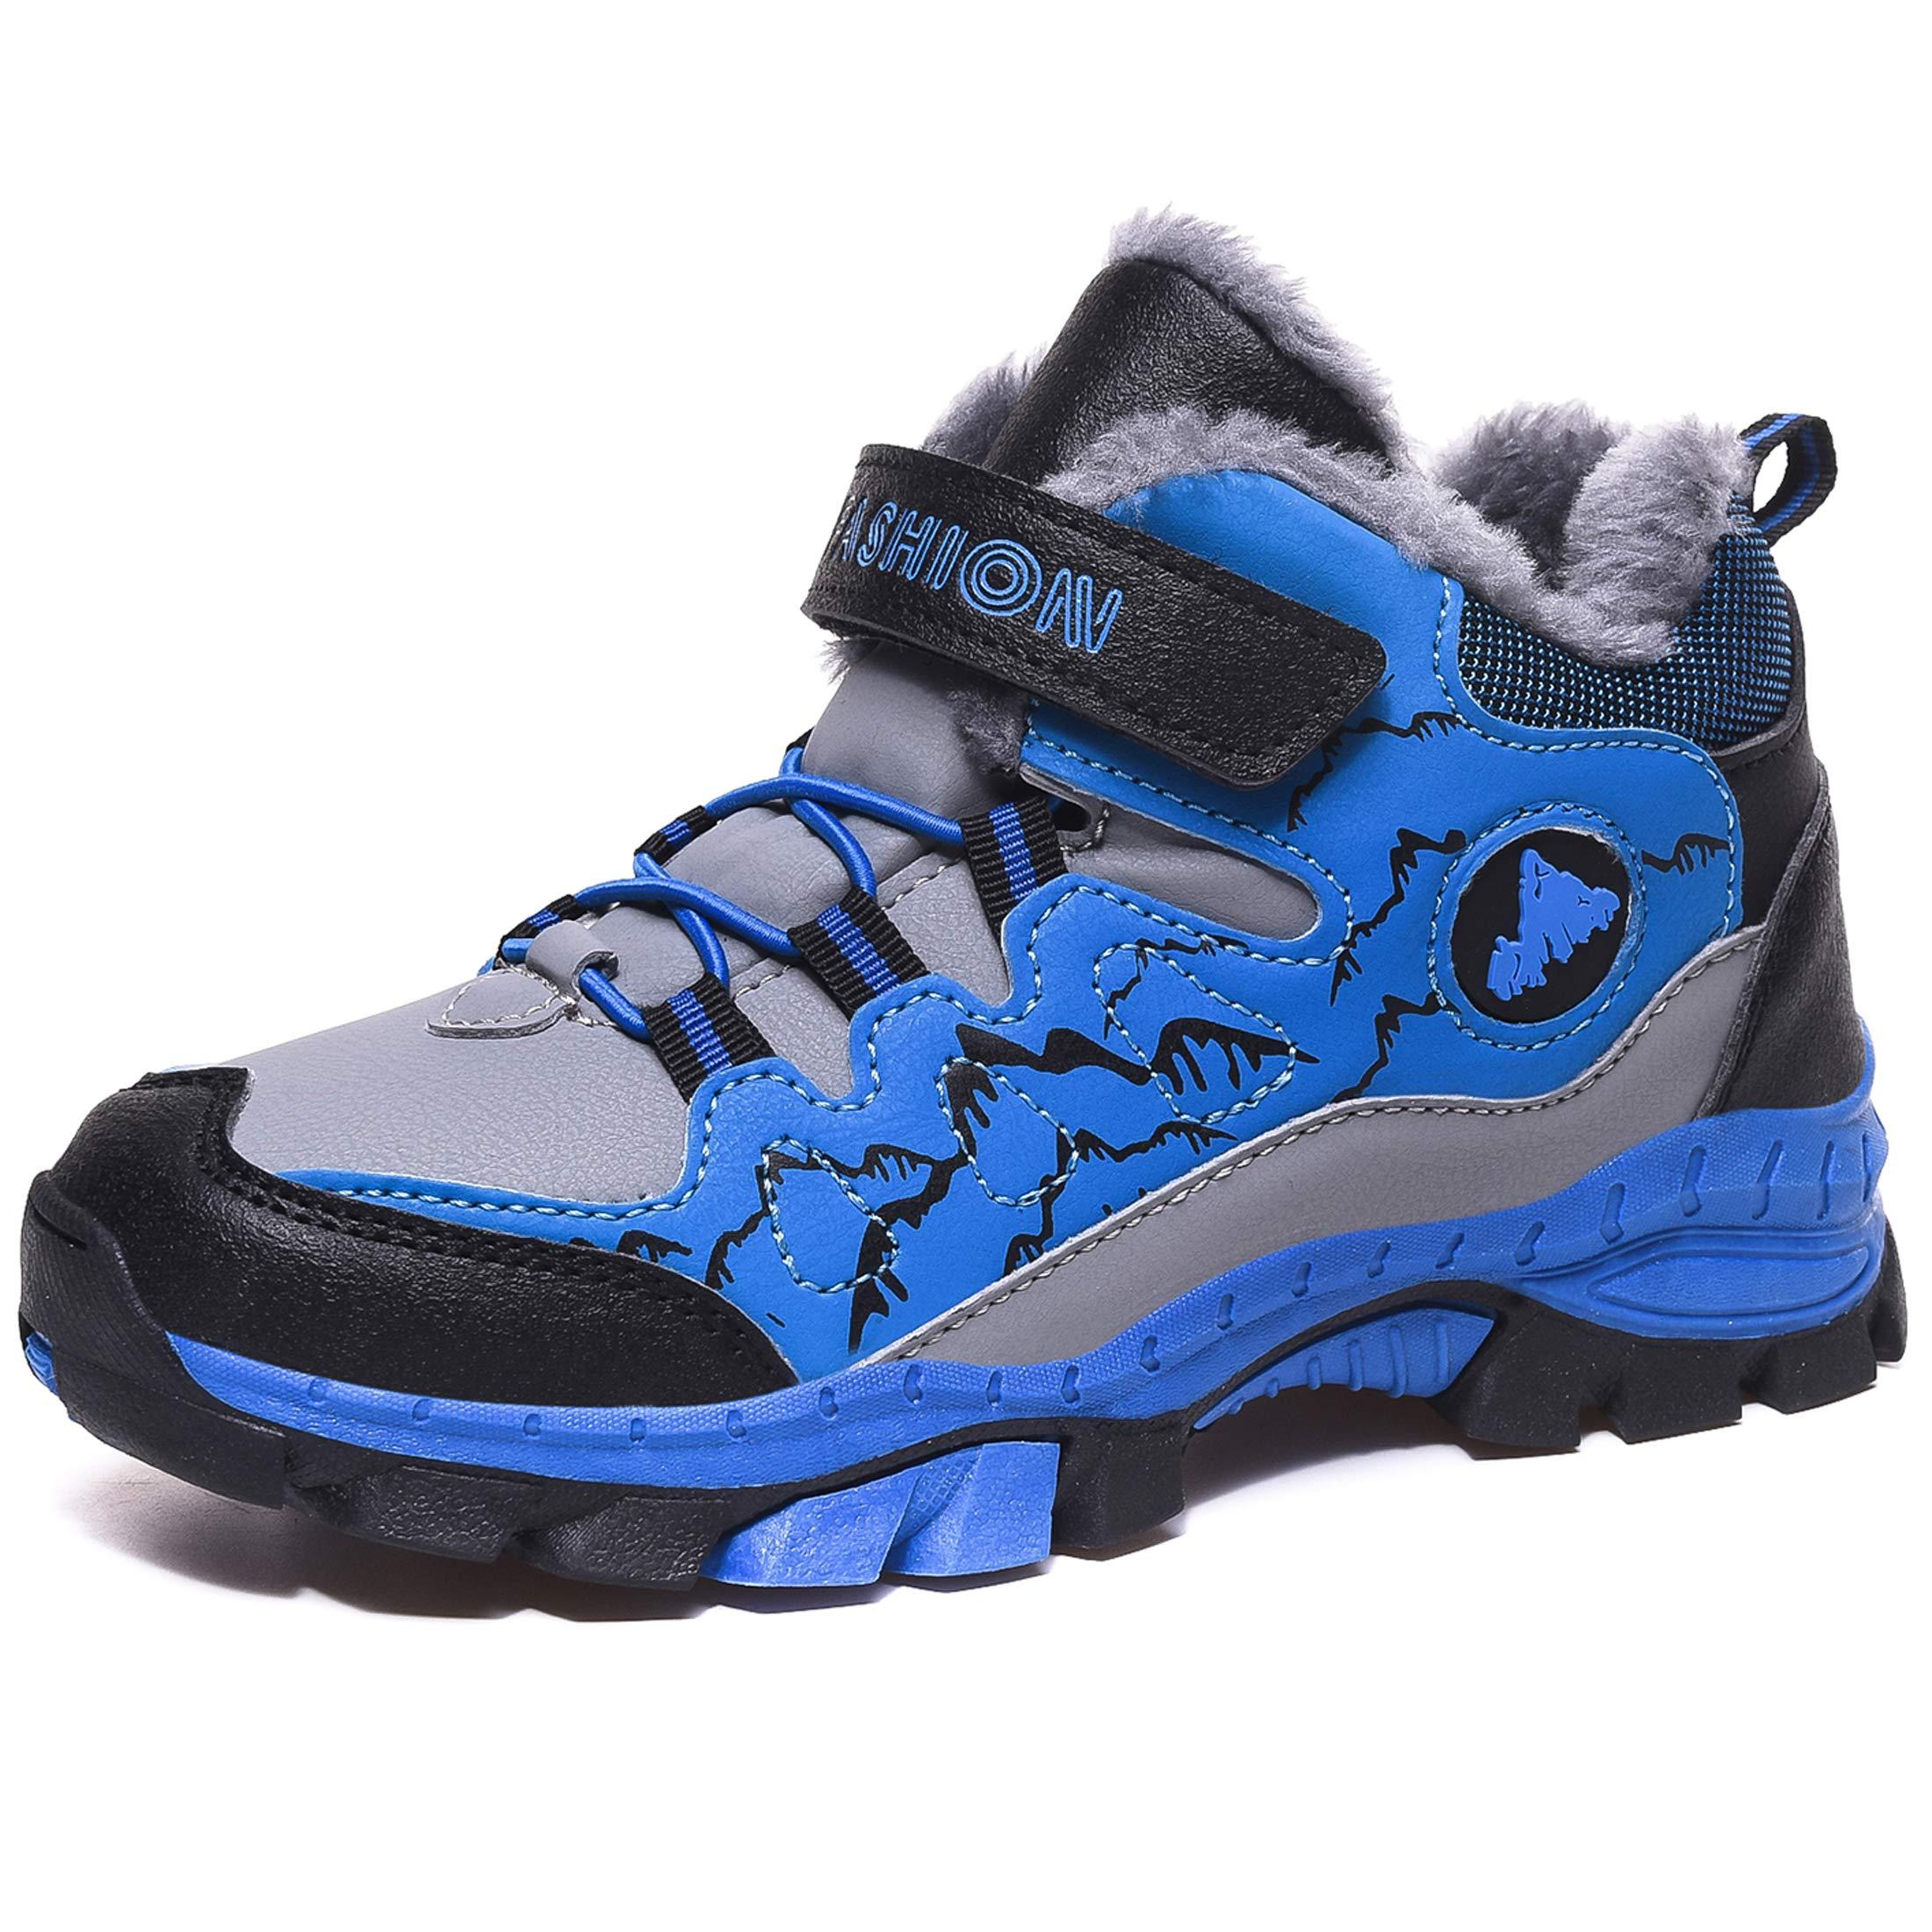 Chaussure Hiver Garçons Anti-dérapant Botte de Neige en Coton pour Enfants Escalade Chaussures Randonnée Bottes